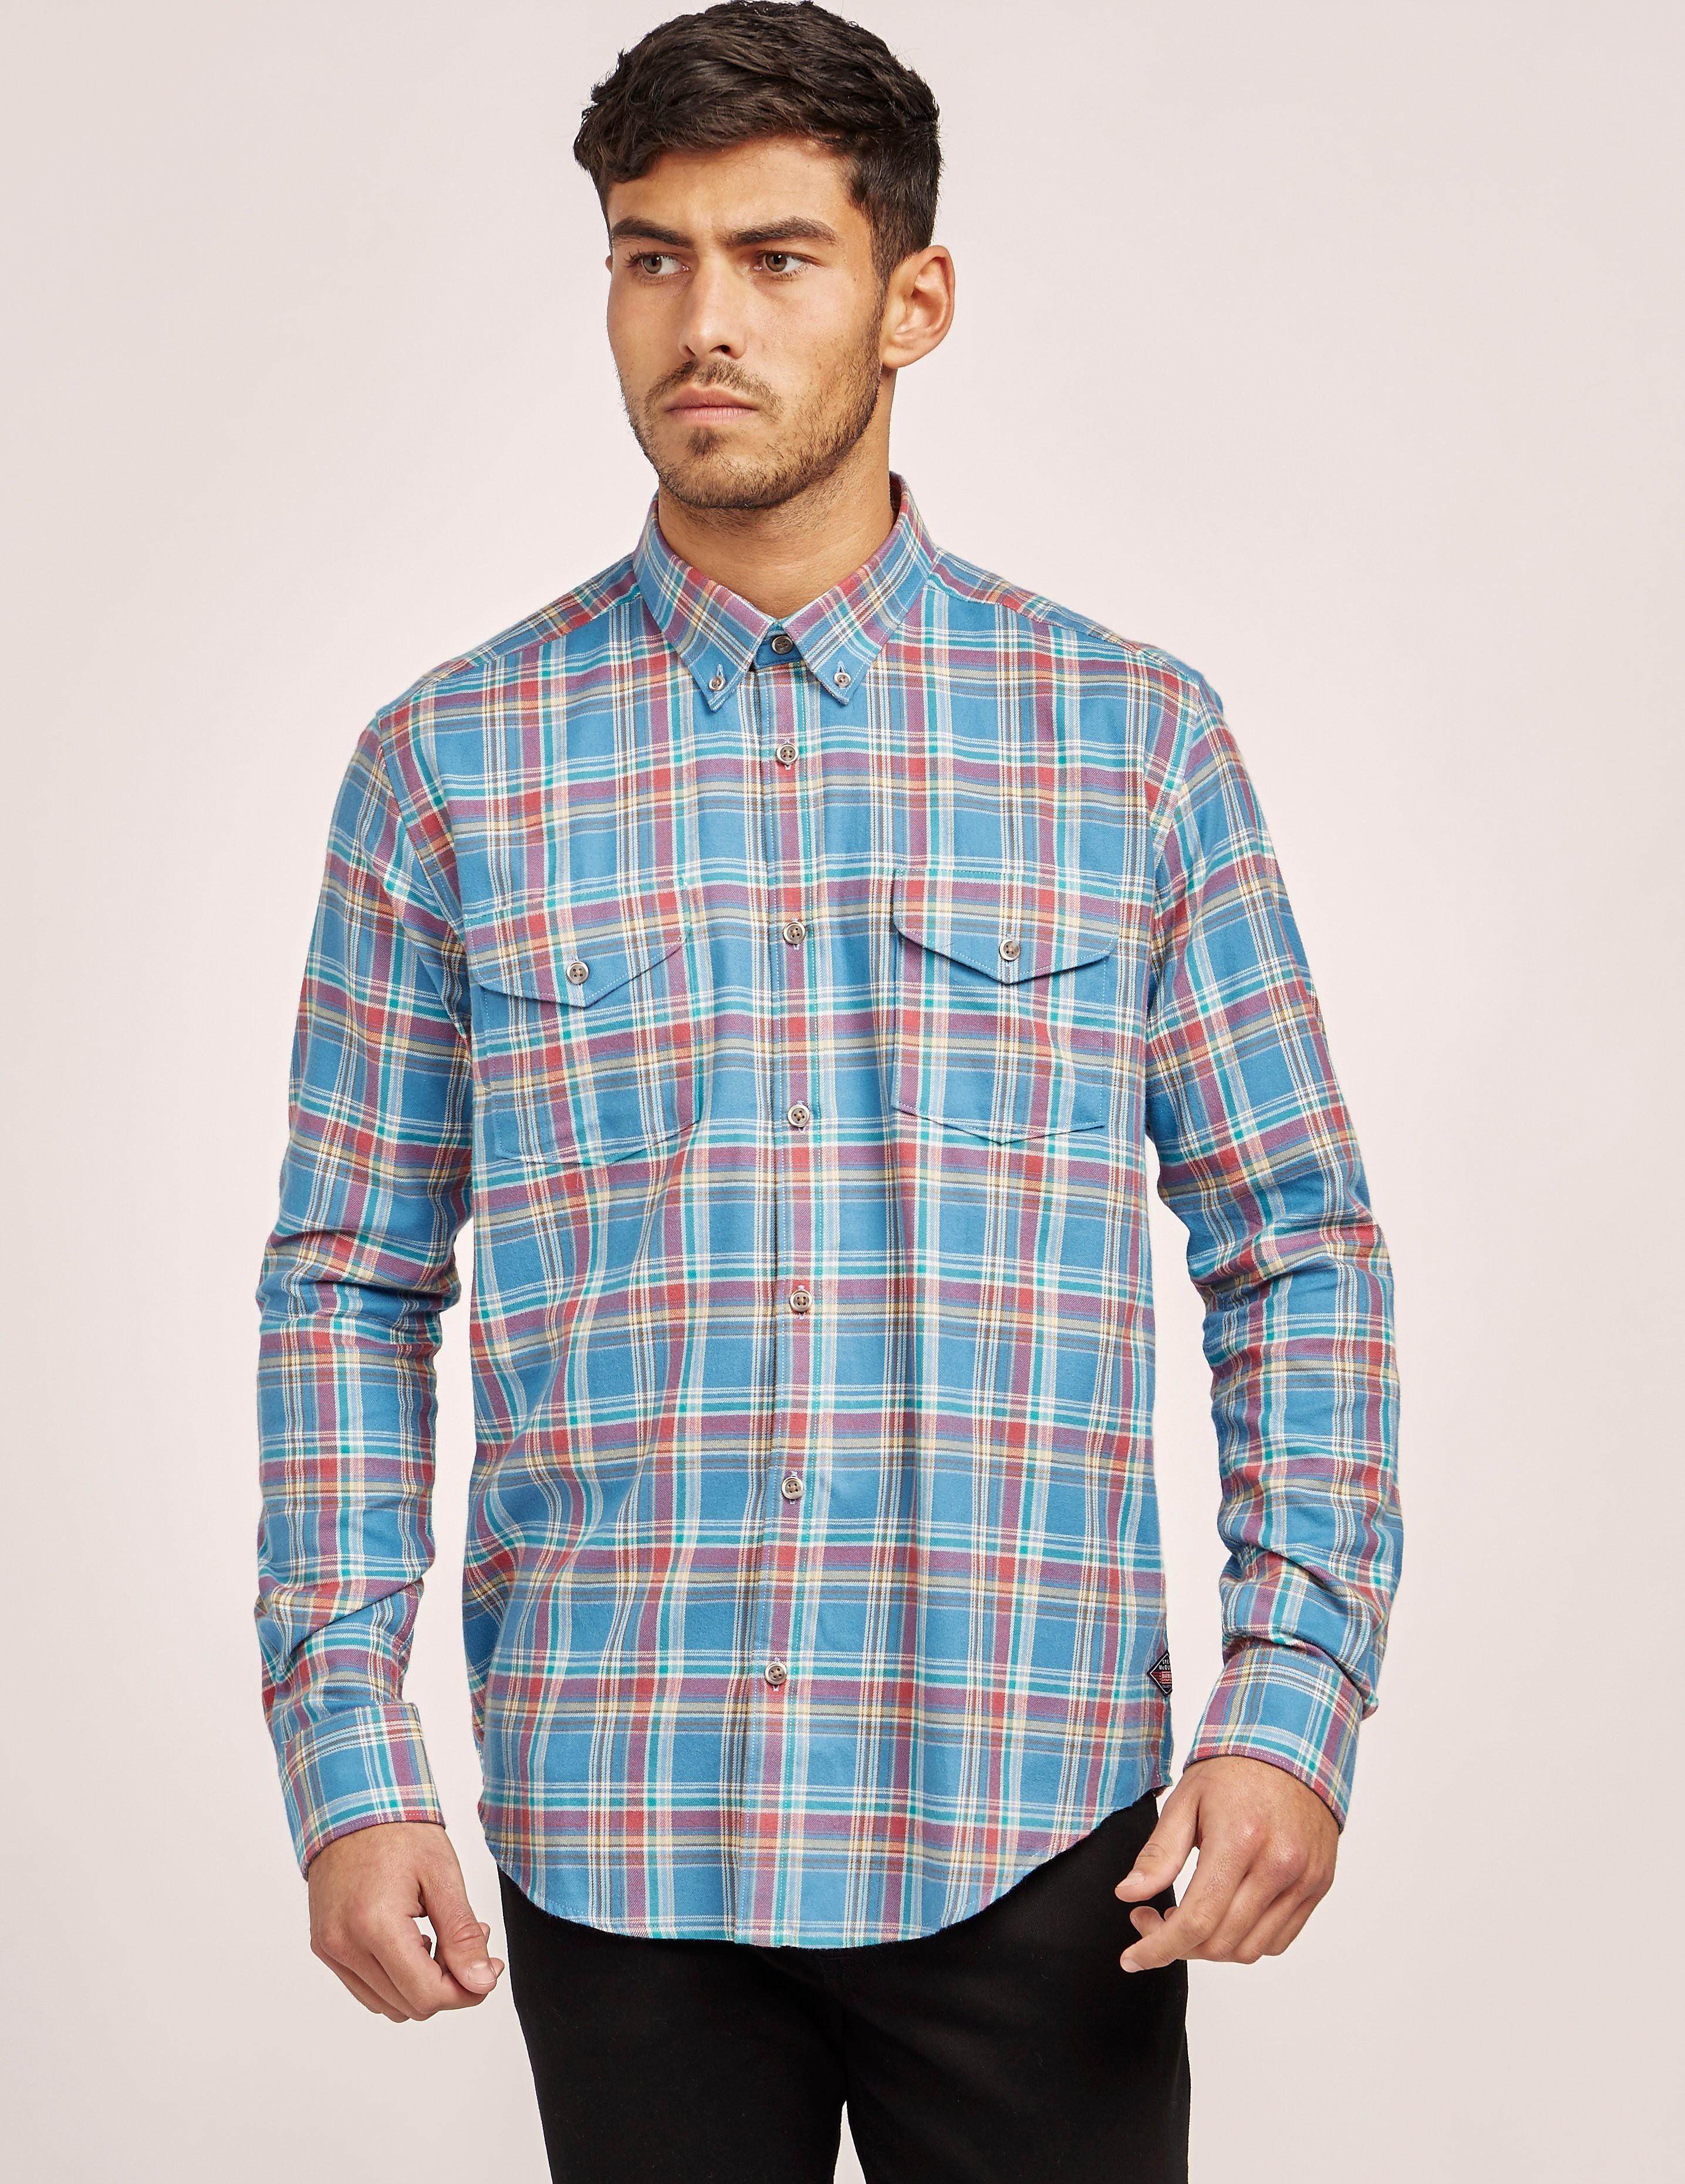 Barbour International Steve McQueen West Shirt